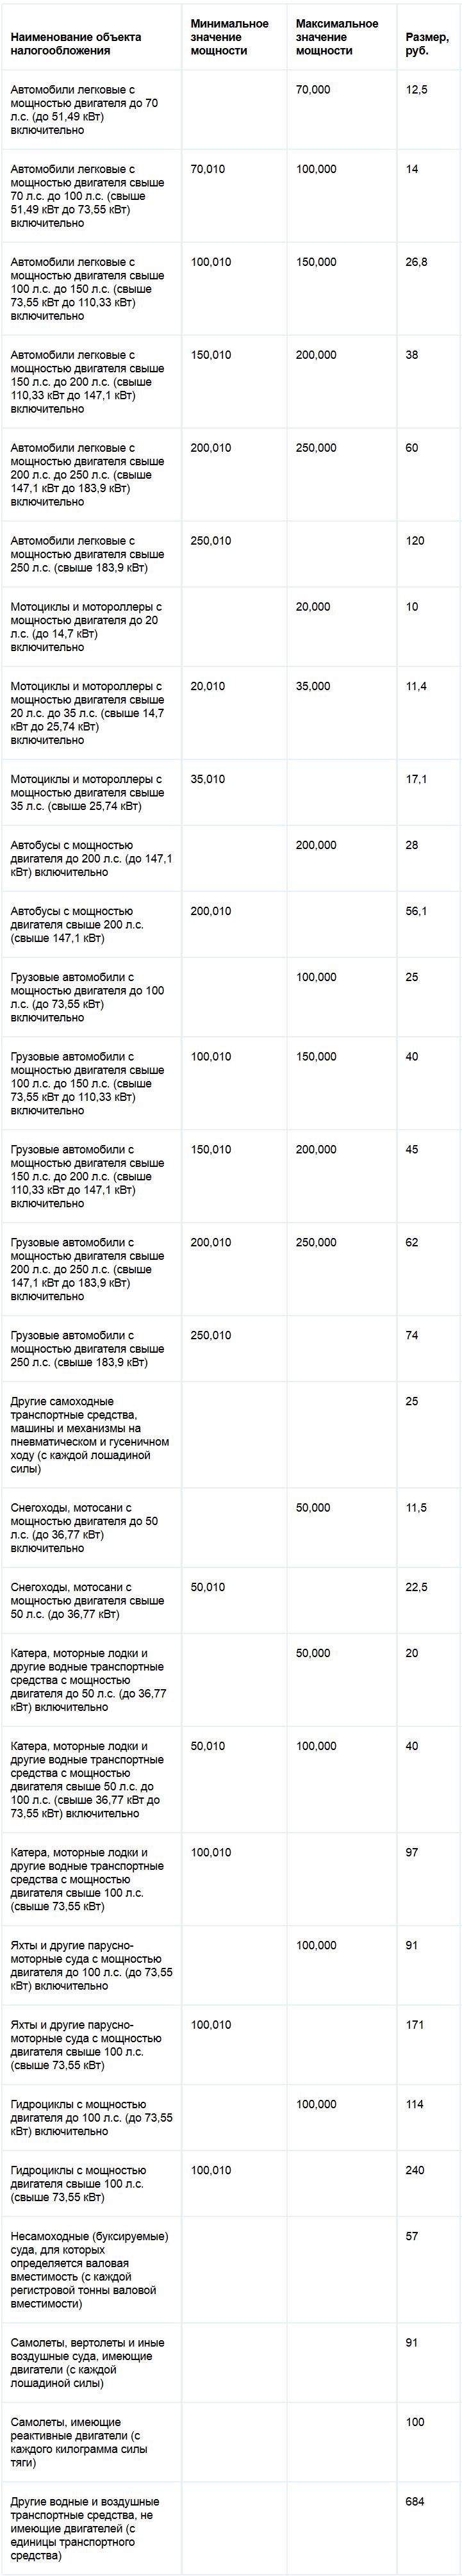 Ставки транспортного налога Костромской области